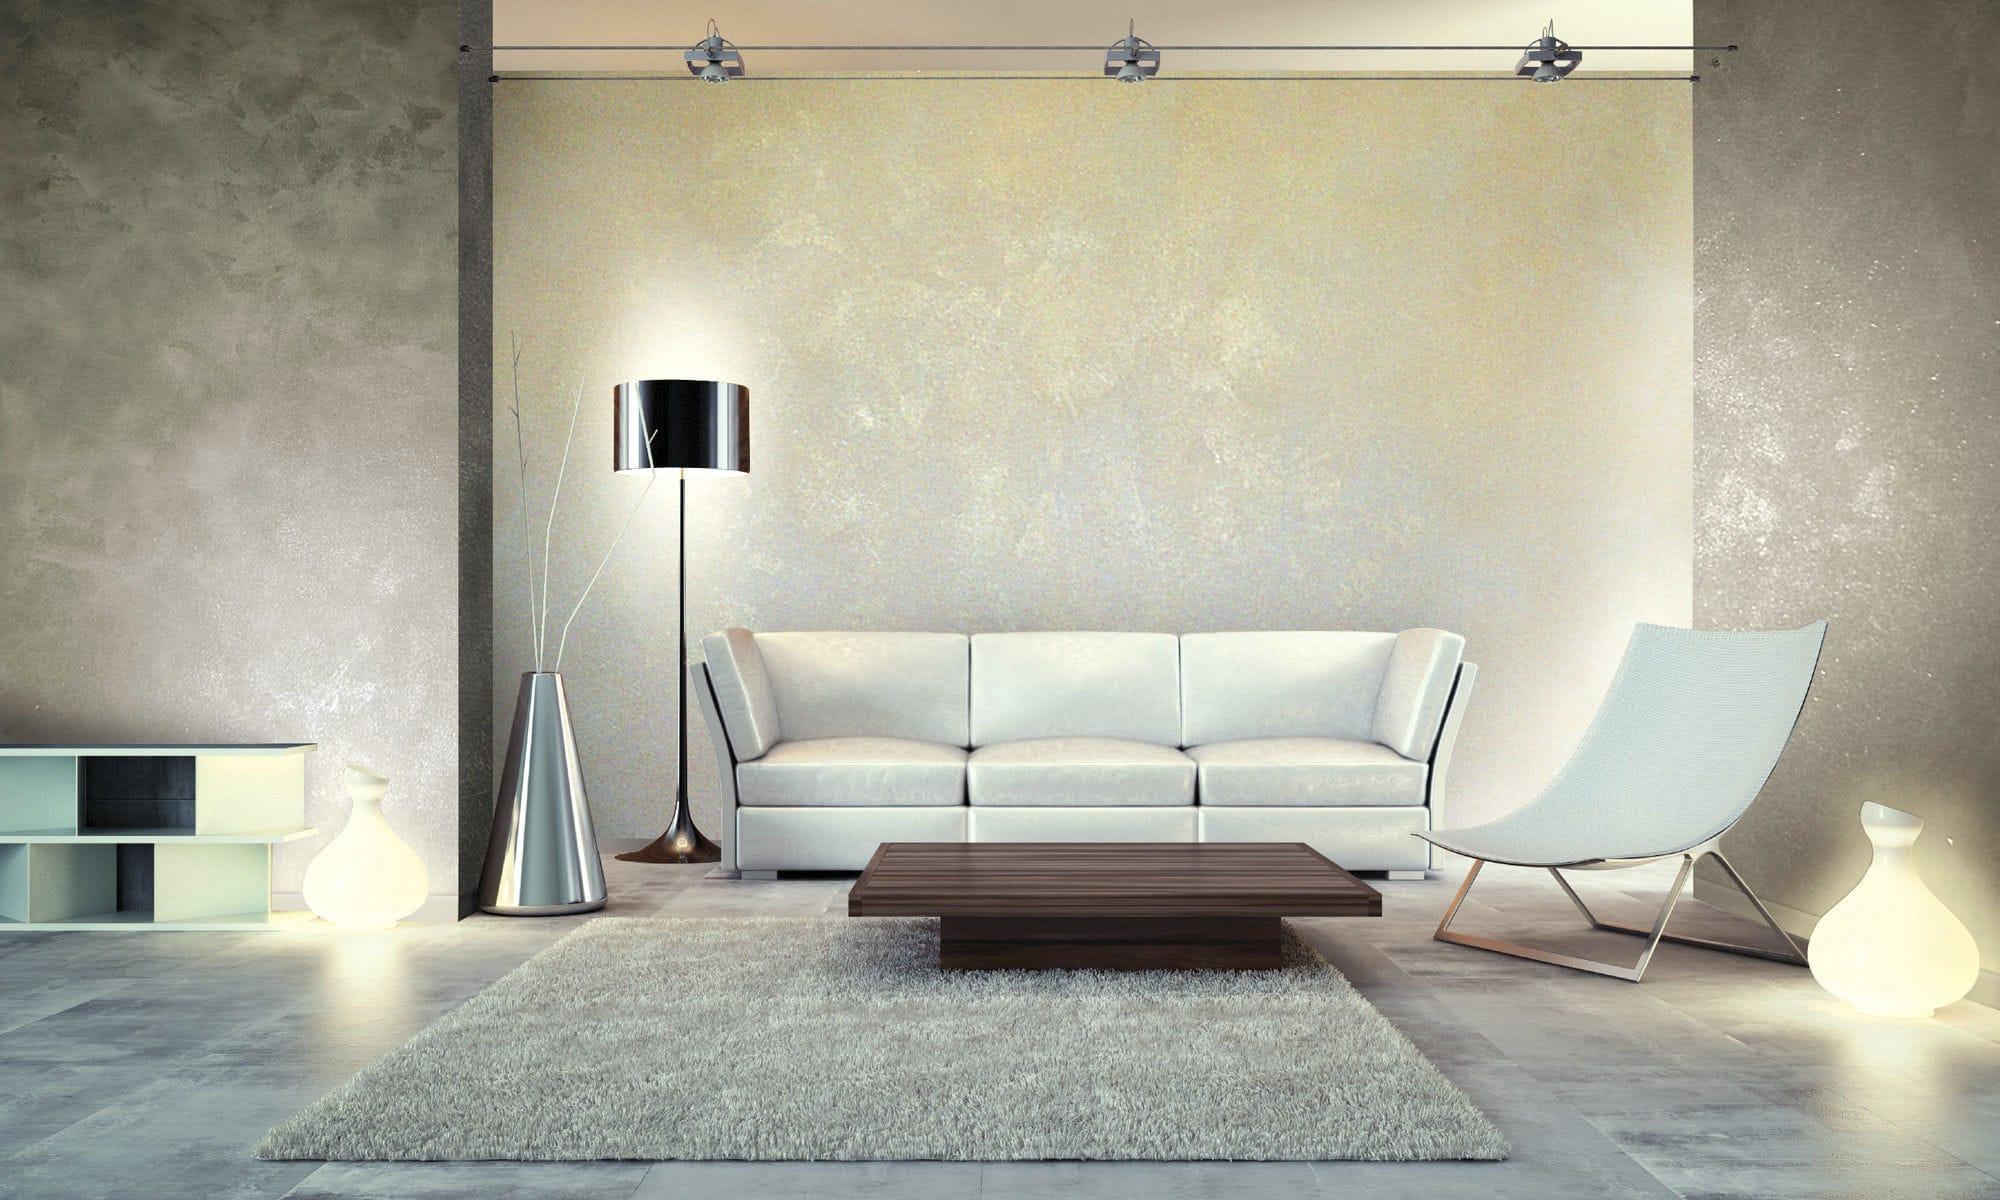 Erstaunlich Dekorfarbe / Für Wände / Innenbereich / Acryl   KLONDIKE LIGHT